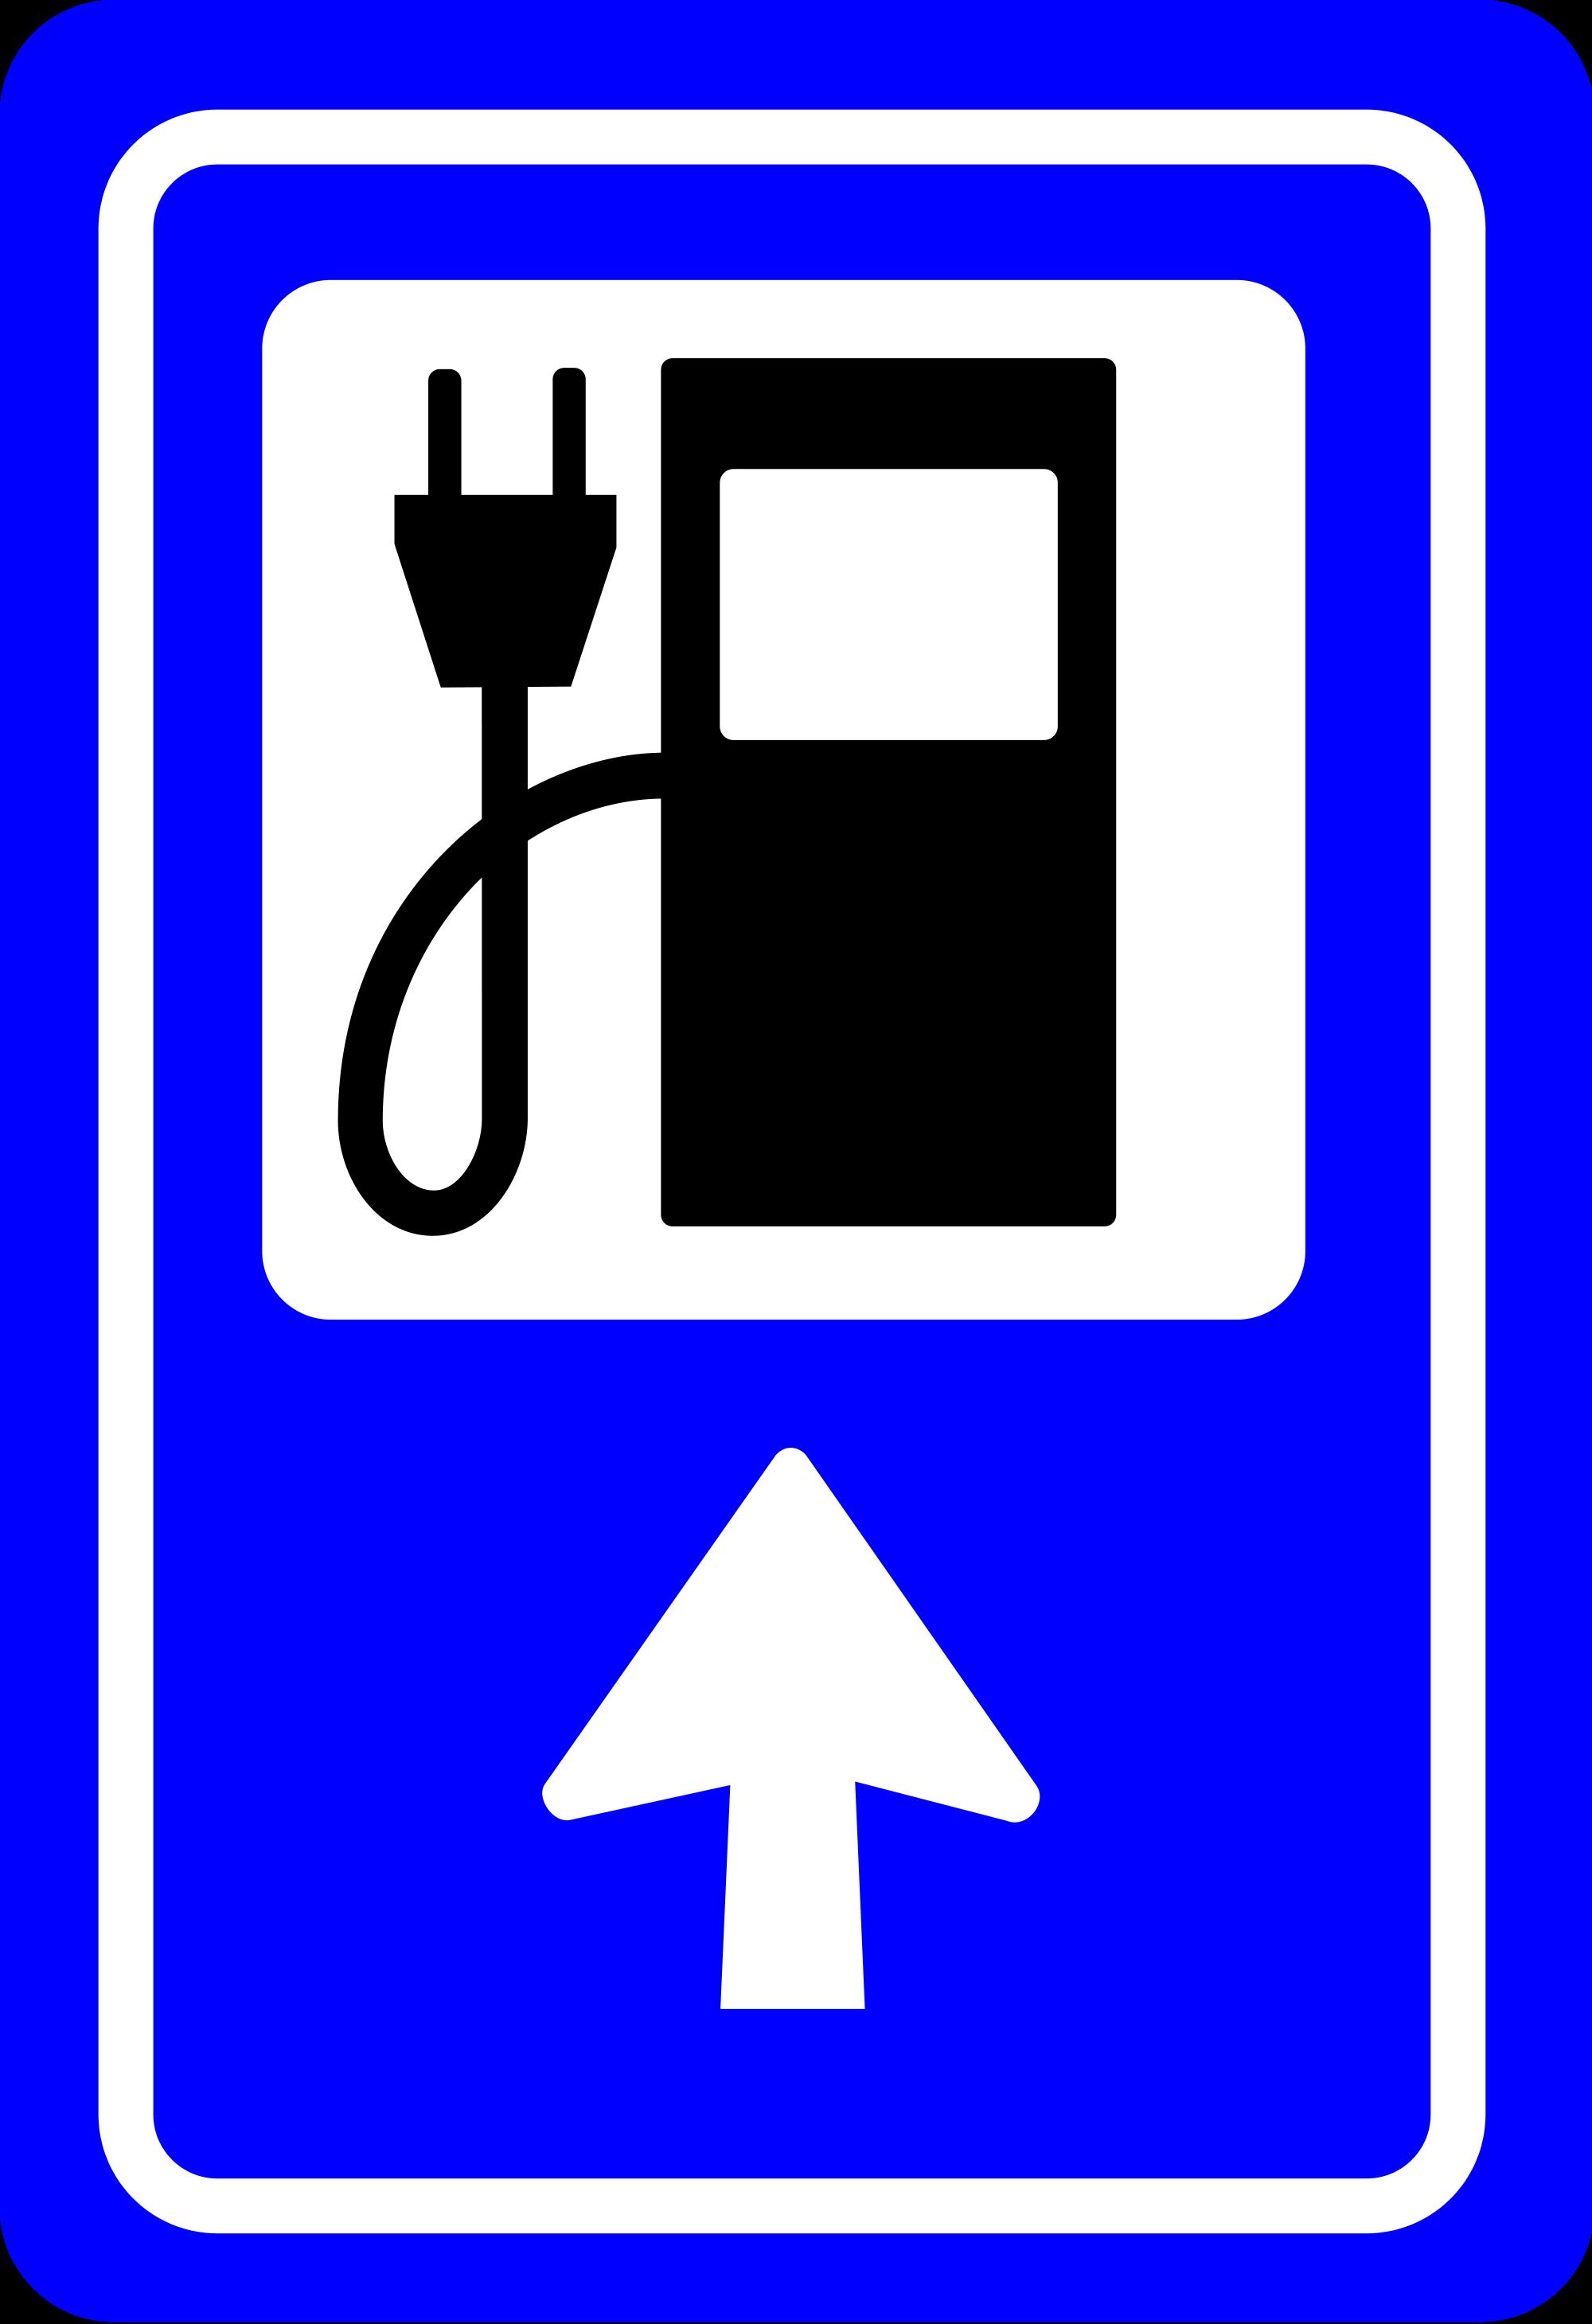 File:Free EV charge station sign evinfra.svg.